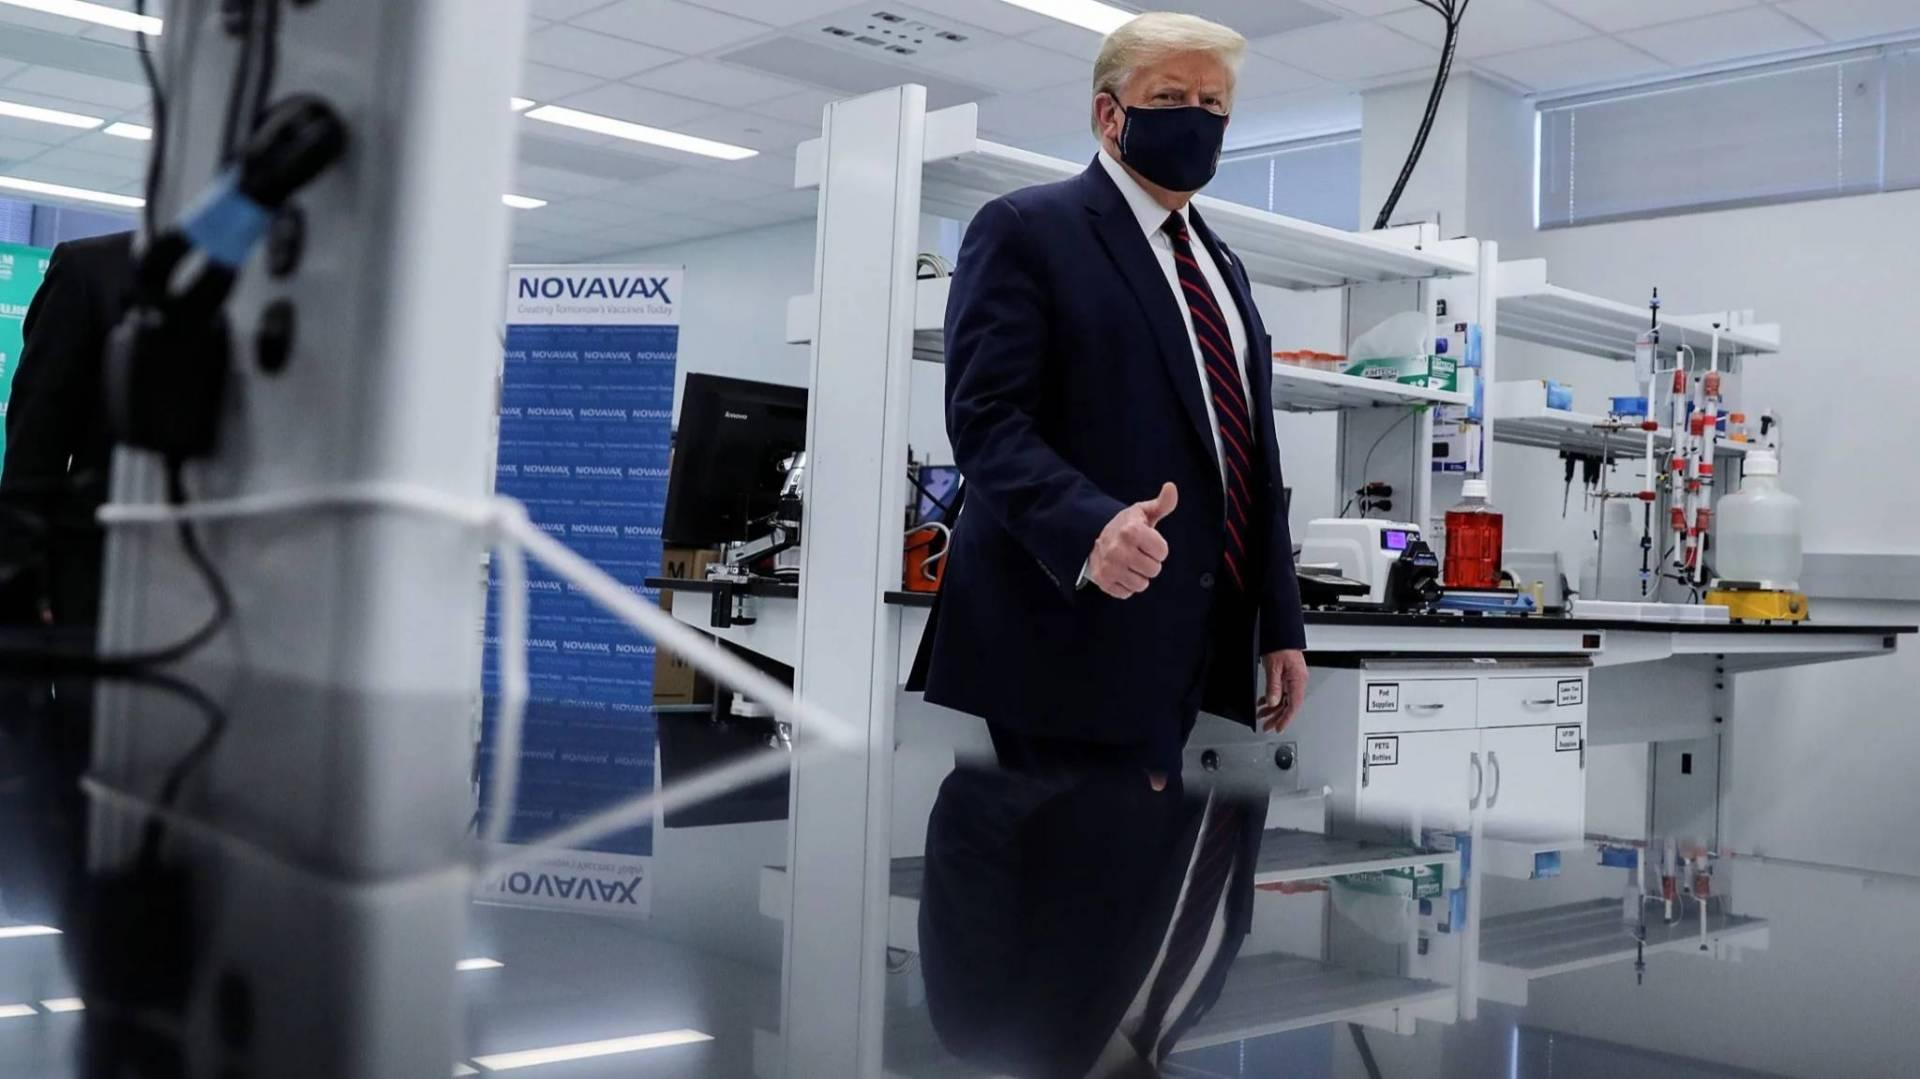 الرئيس الأميركي يعلن أن لقاحاً لكورونا قد يتوفر خلال شهر